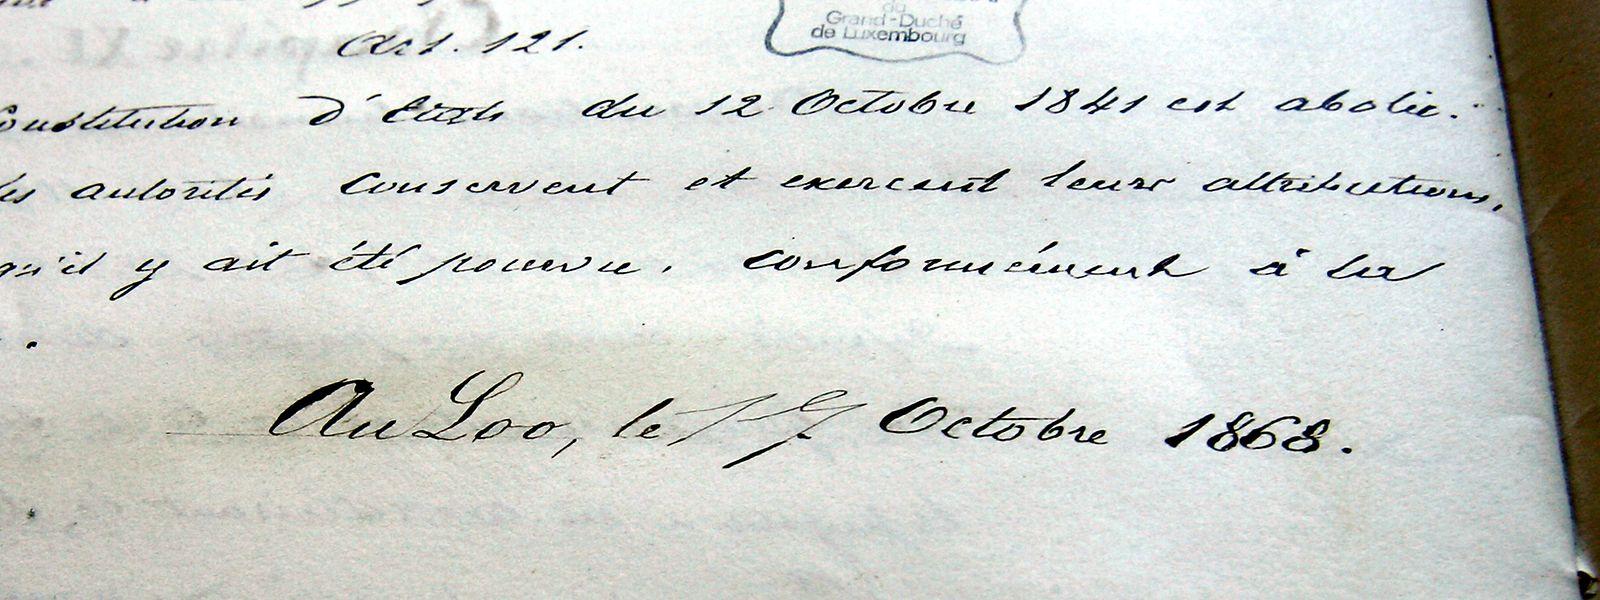 Das Original der luxemburgischen Verfassung aus dem Jahr 1868 liegt im Staatsarchiv.